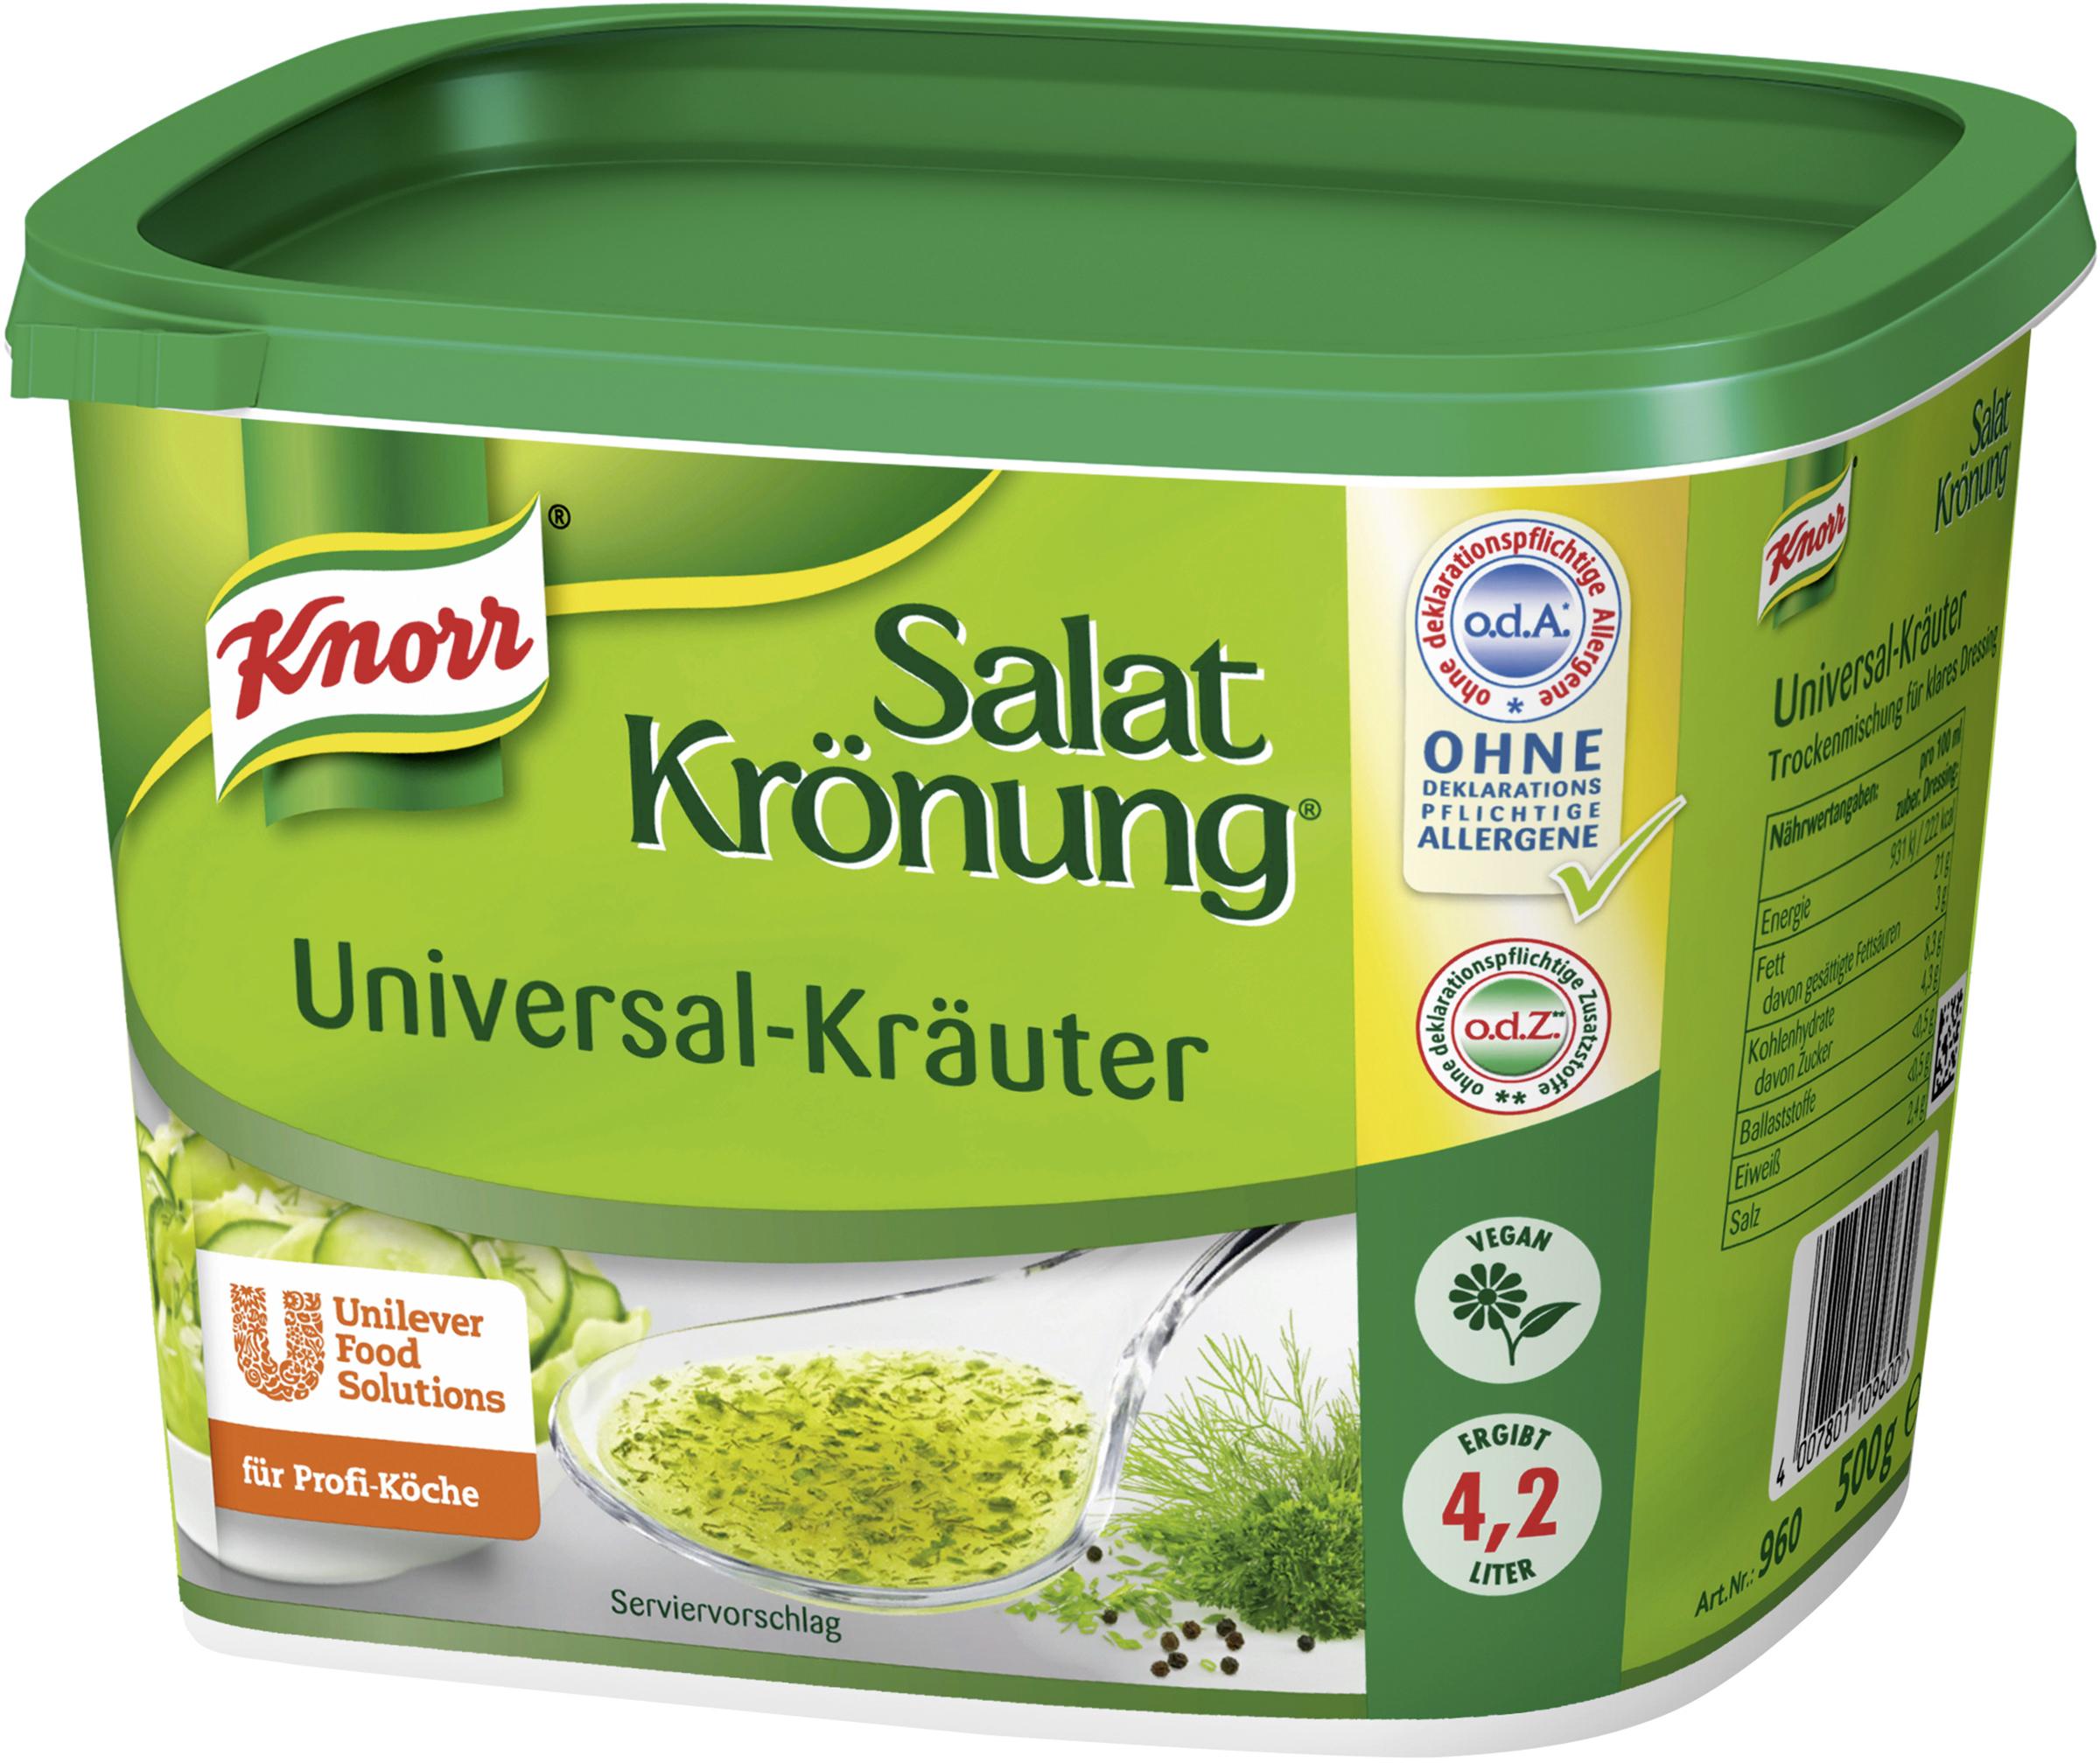 Knorr Salatkrönung Universal-Kräuter 500 g